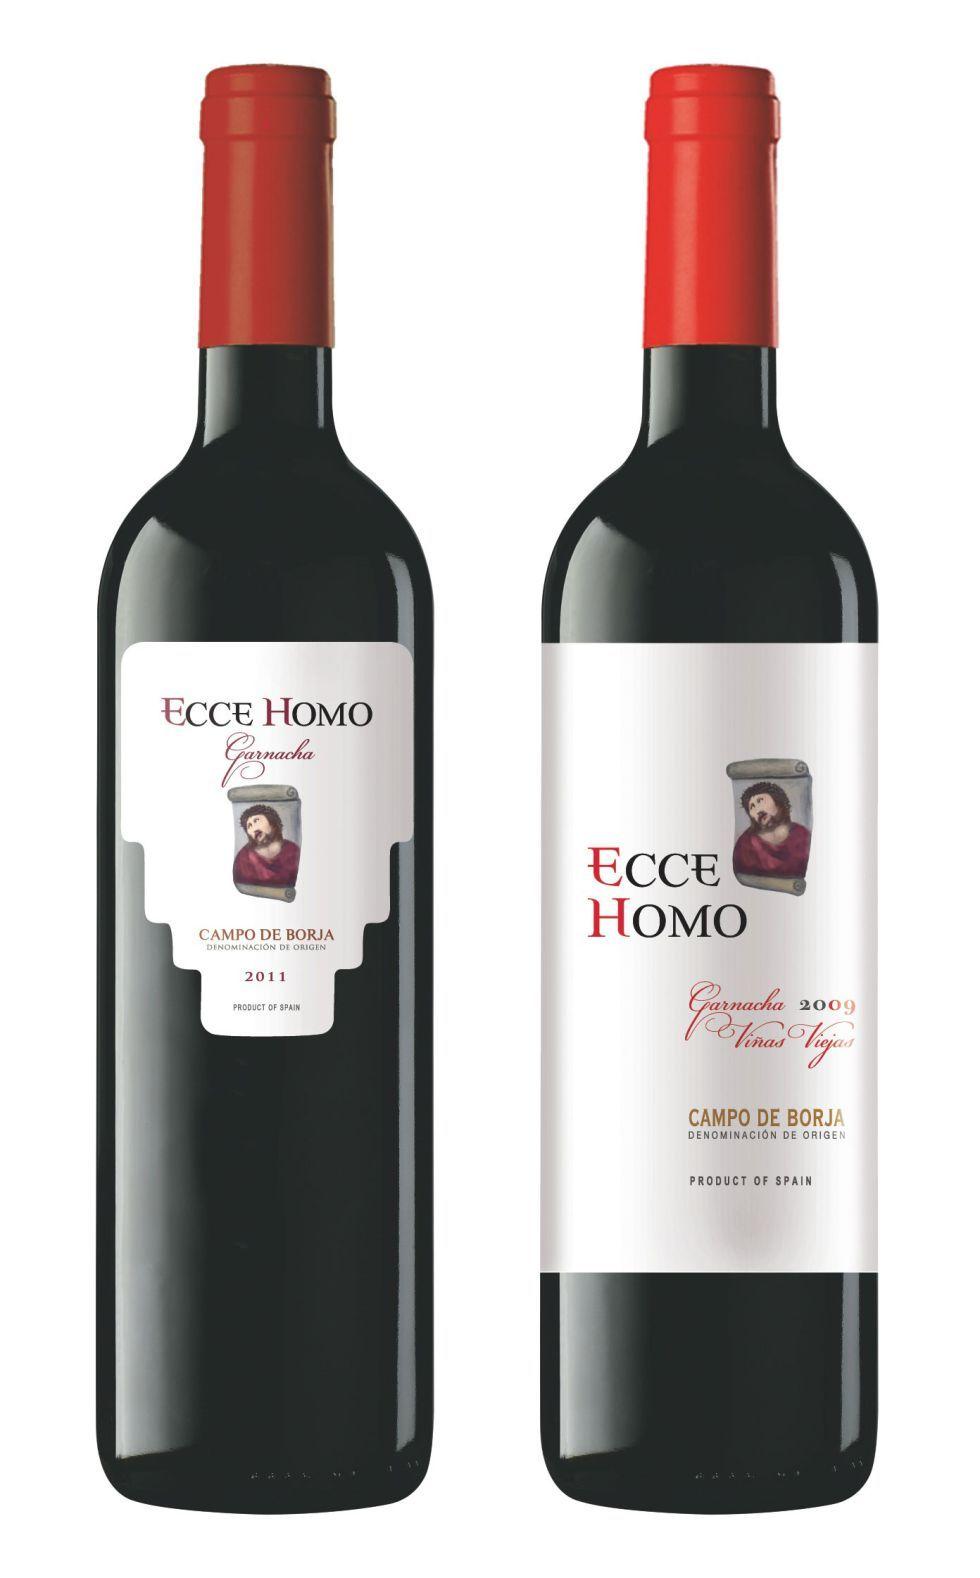 El Ecce Homo en etiqueta de vino. Un buen vinito para esta tarde